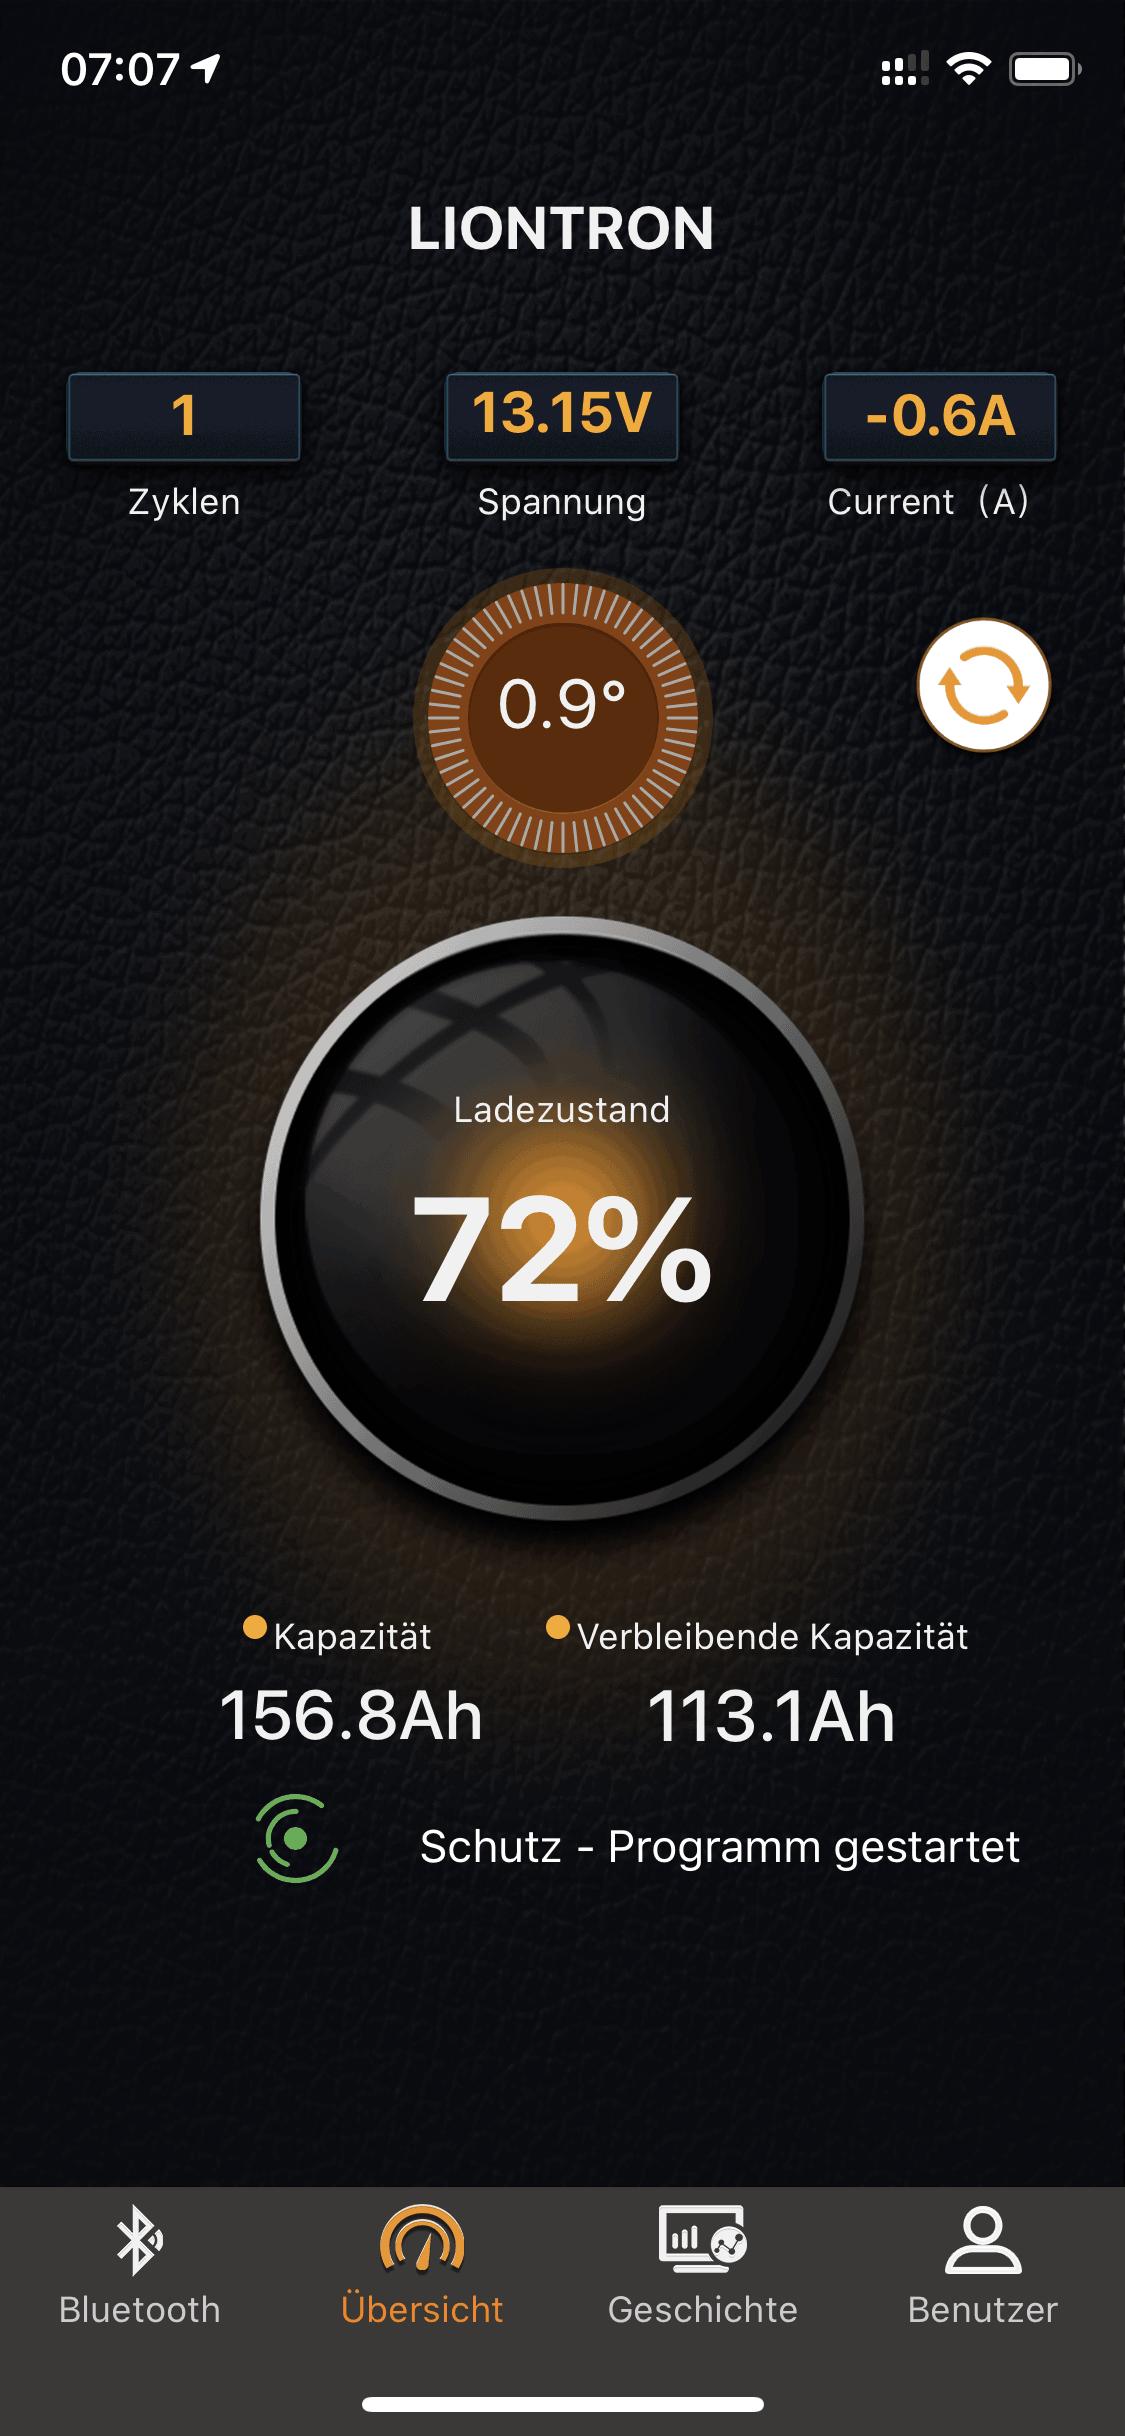 Lithium_Batterie_Liontron_App